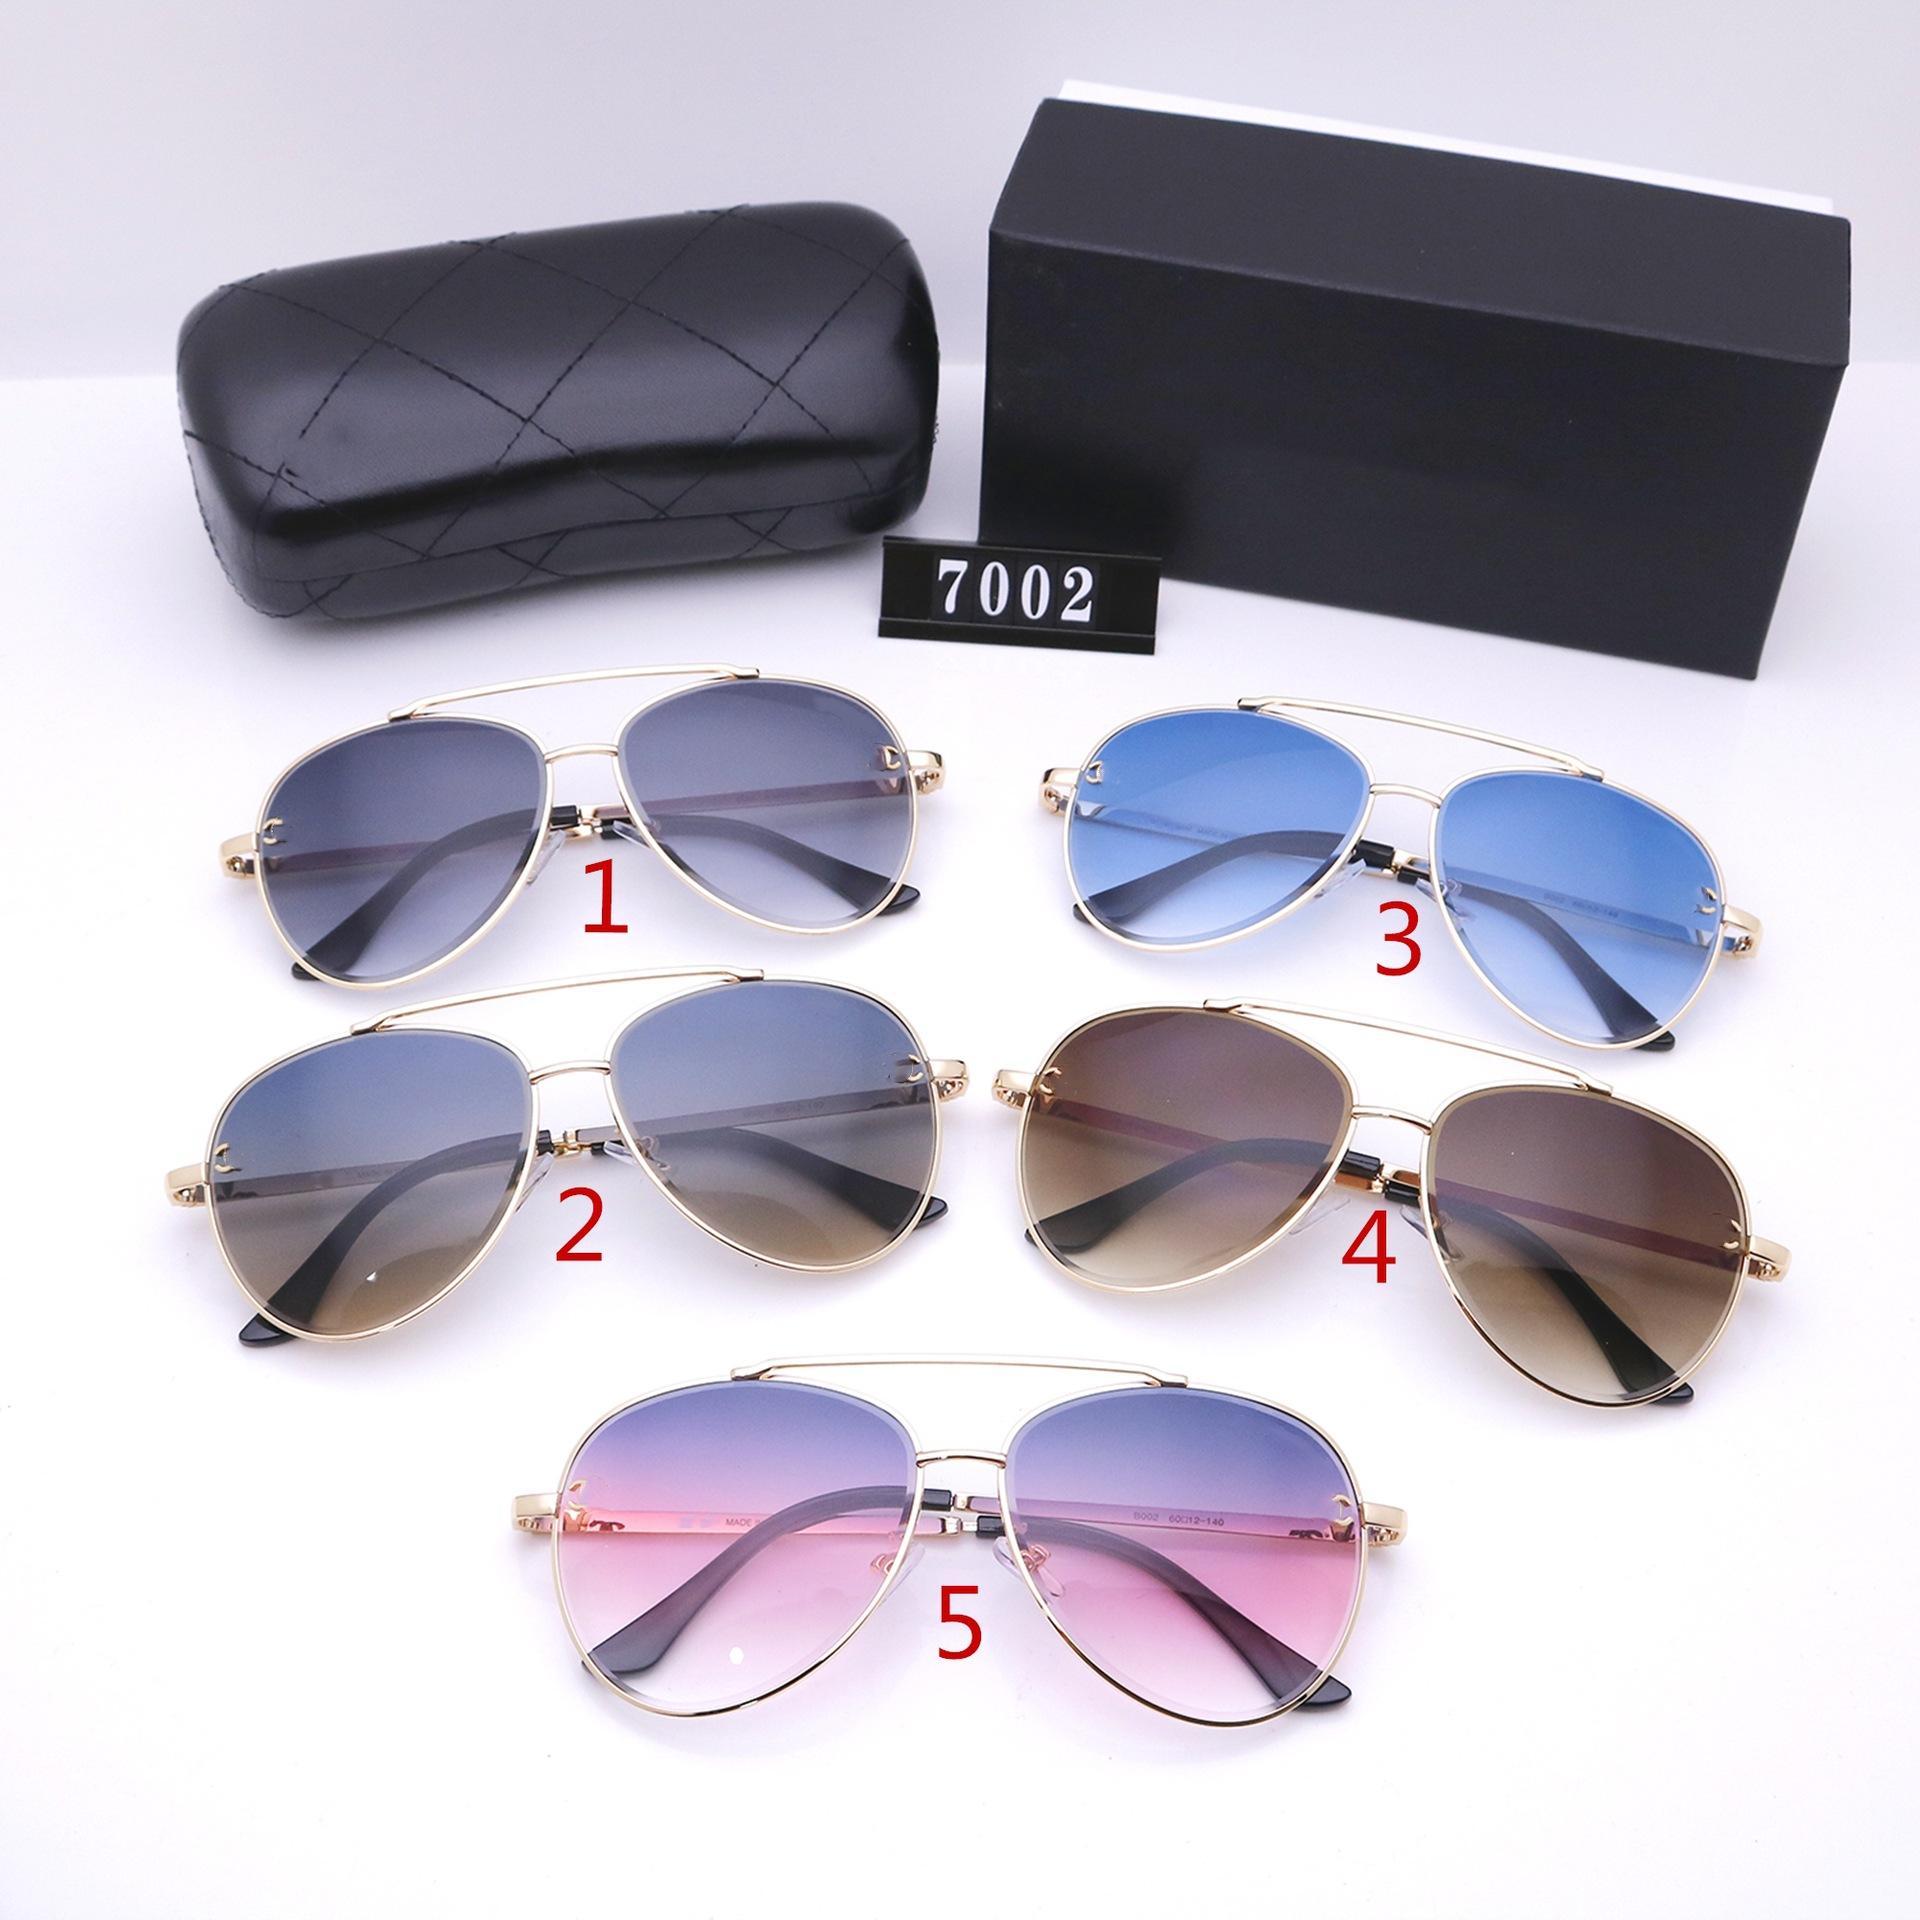 خمسة ألوان طيار نظارات شمسية أزياء الرجال والنساء المصممين الفموي عالية الجودة القيادة النظارات الاستقطاب 7002